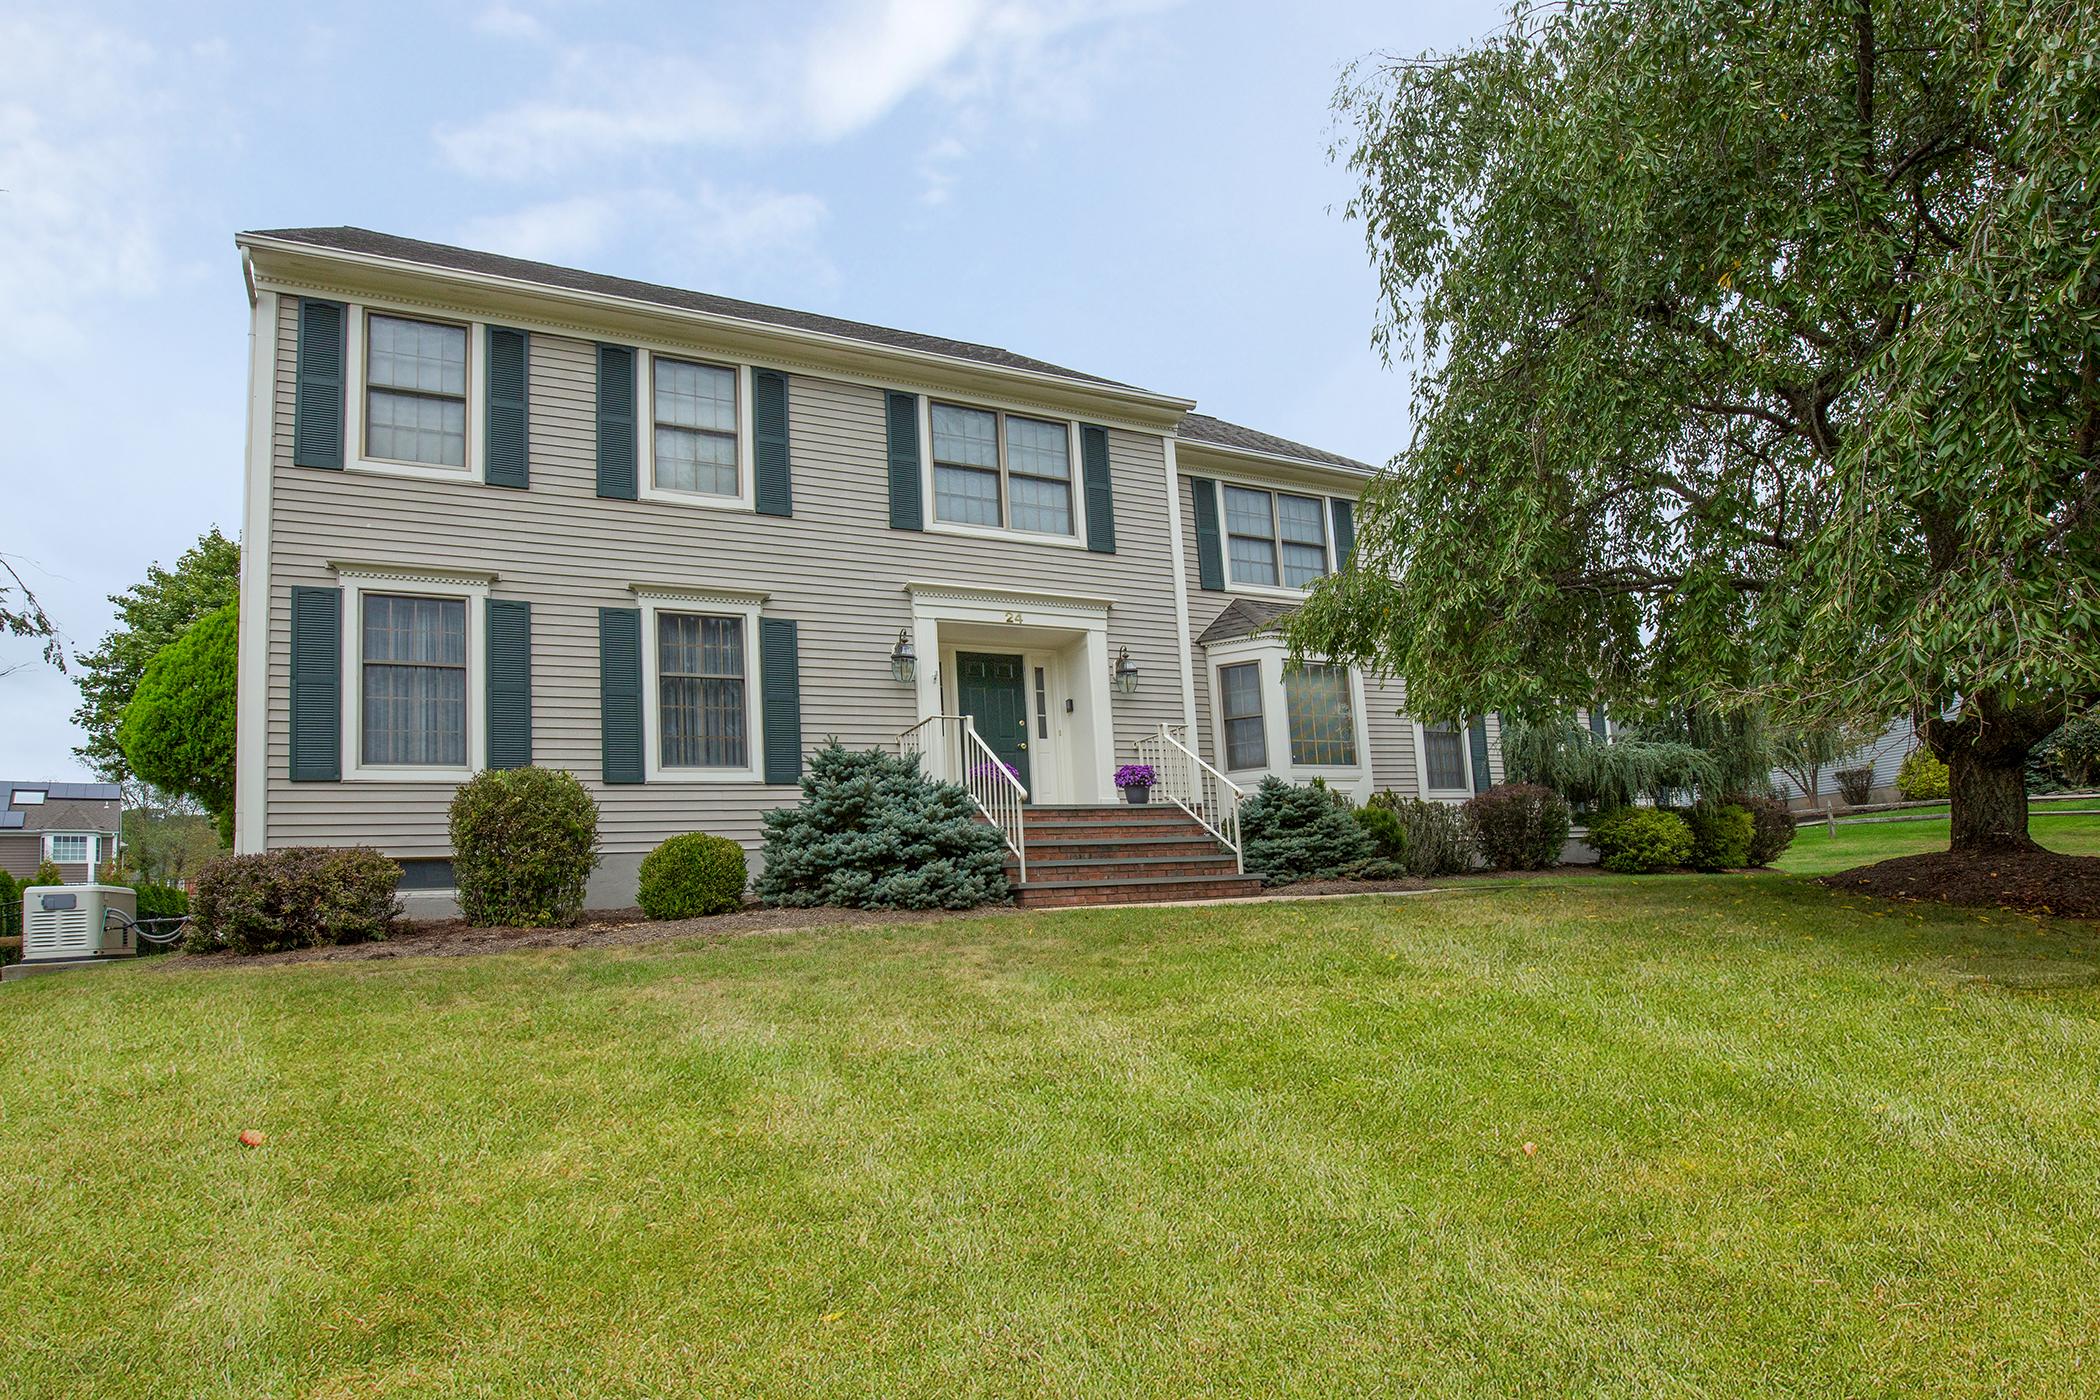 Maison unifamiliale pour l Vente à Stately Colonial 24 Weaver Drive Bridgewater, New Jersey 08807 États-Unis